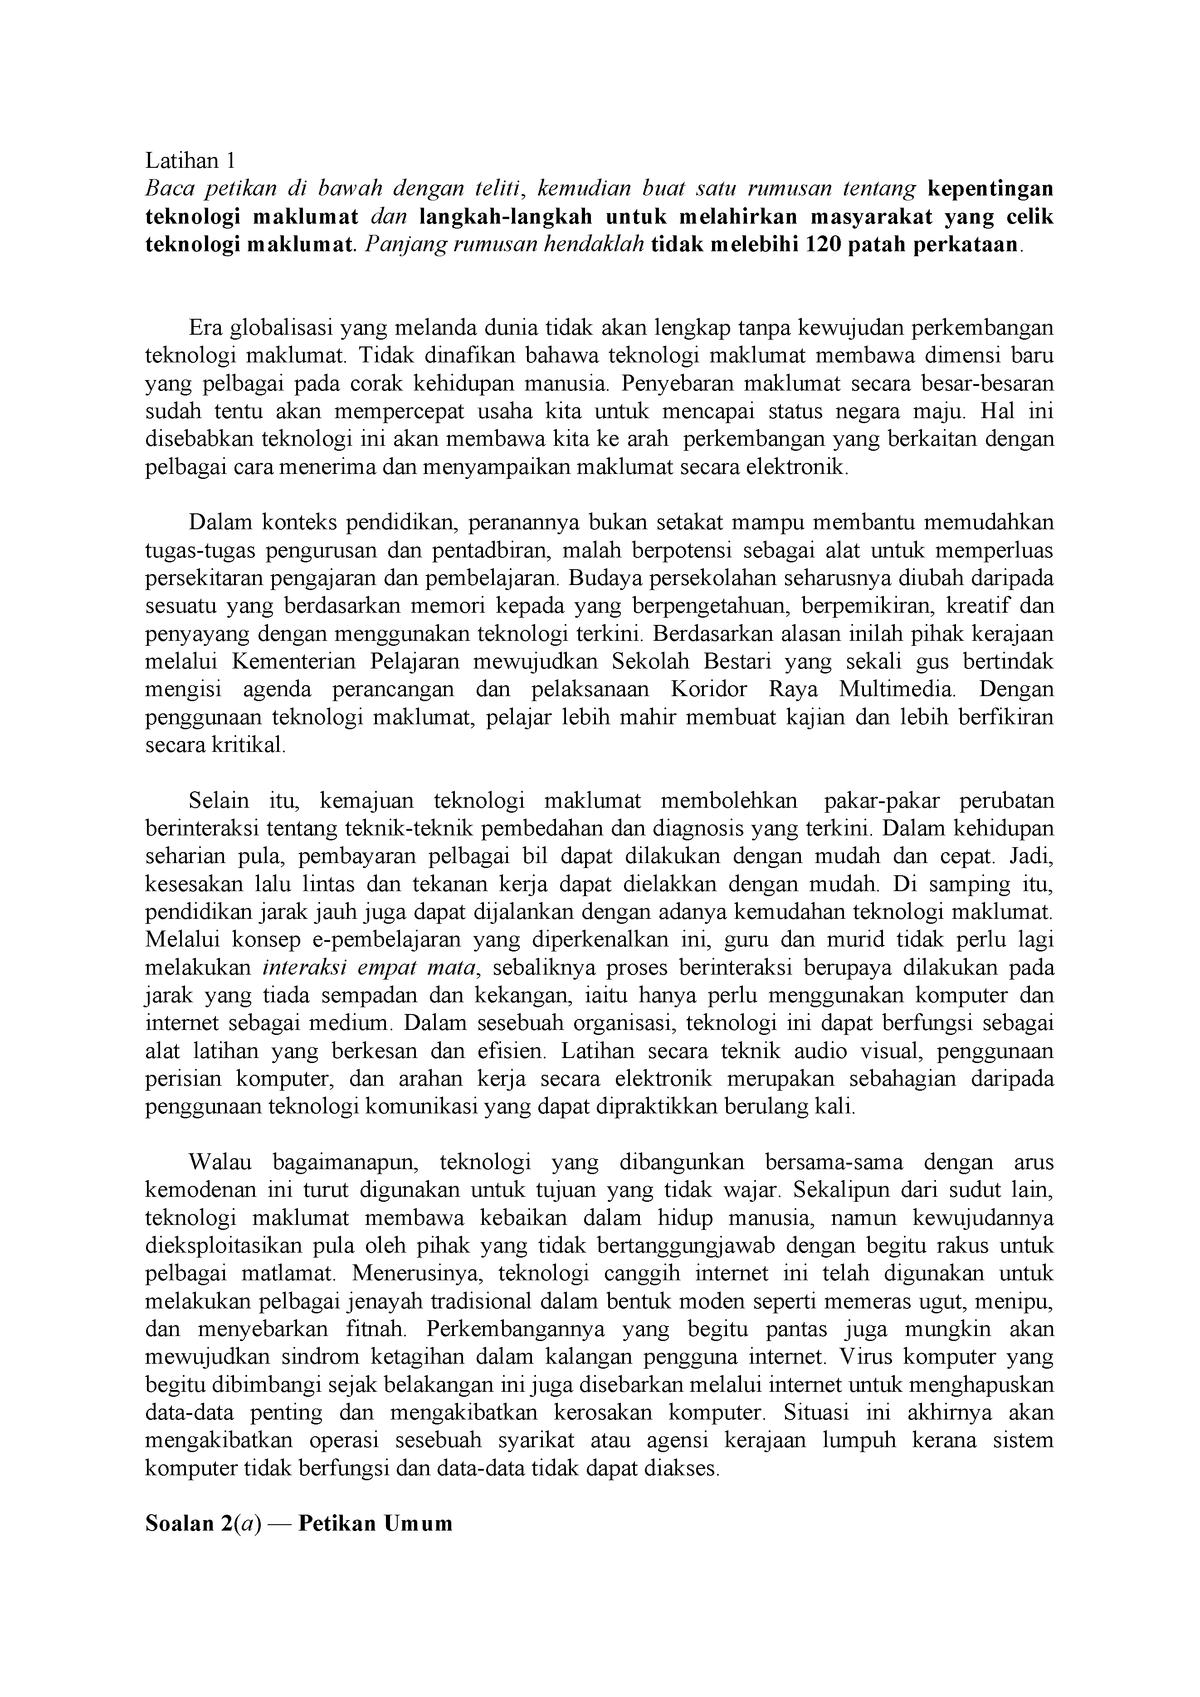 Sample Practice Exam 2018 Questions Sblm1053 Uum Studocu